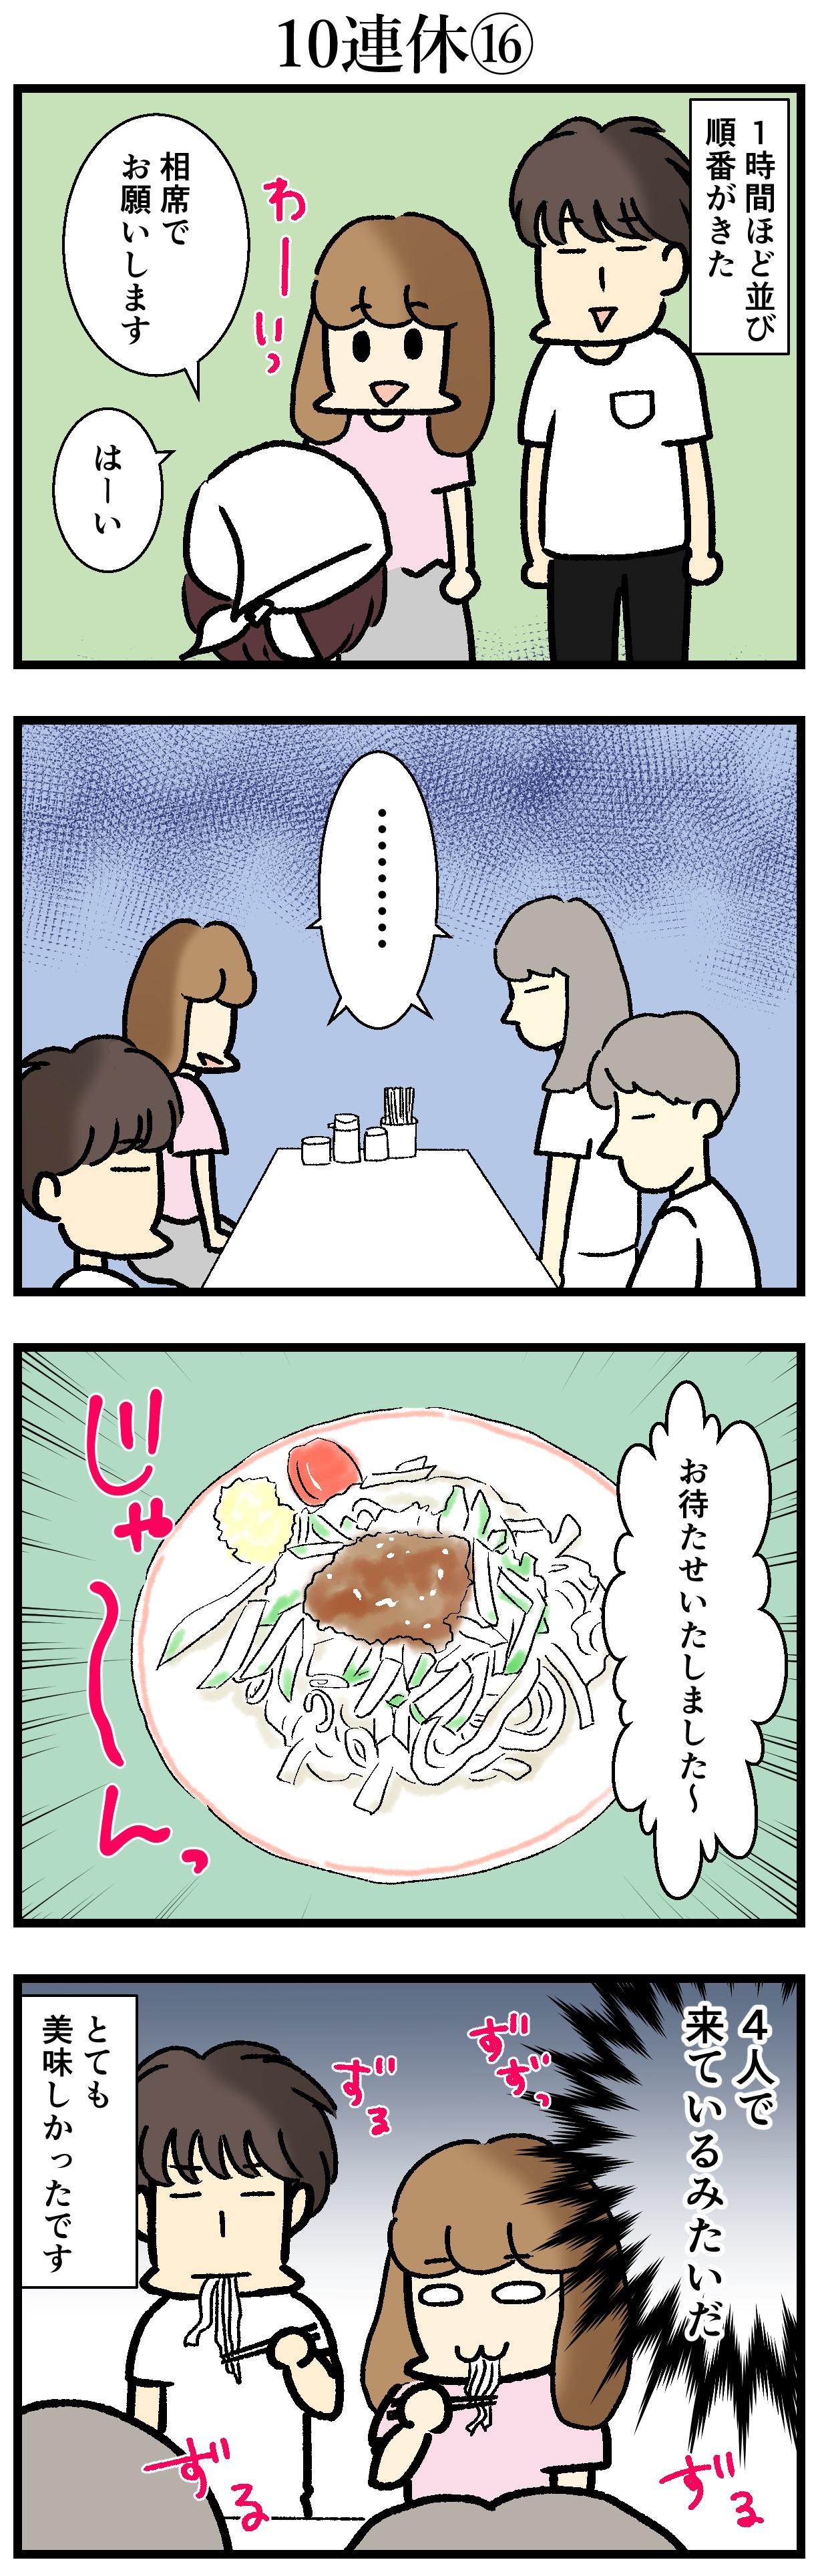 【エッセイ漫画】アラサー主婦くま子のふがいない日常(121)